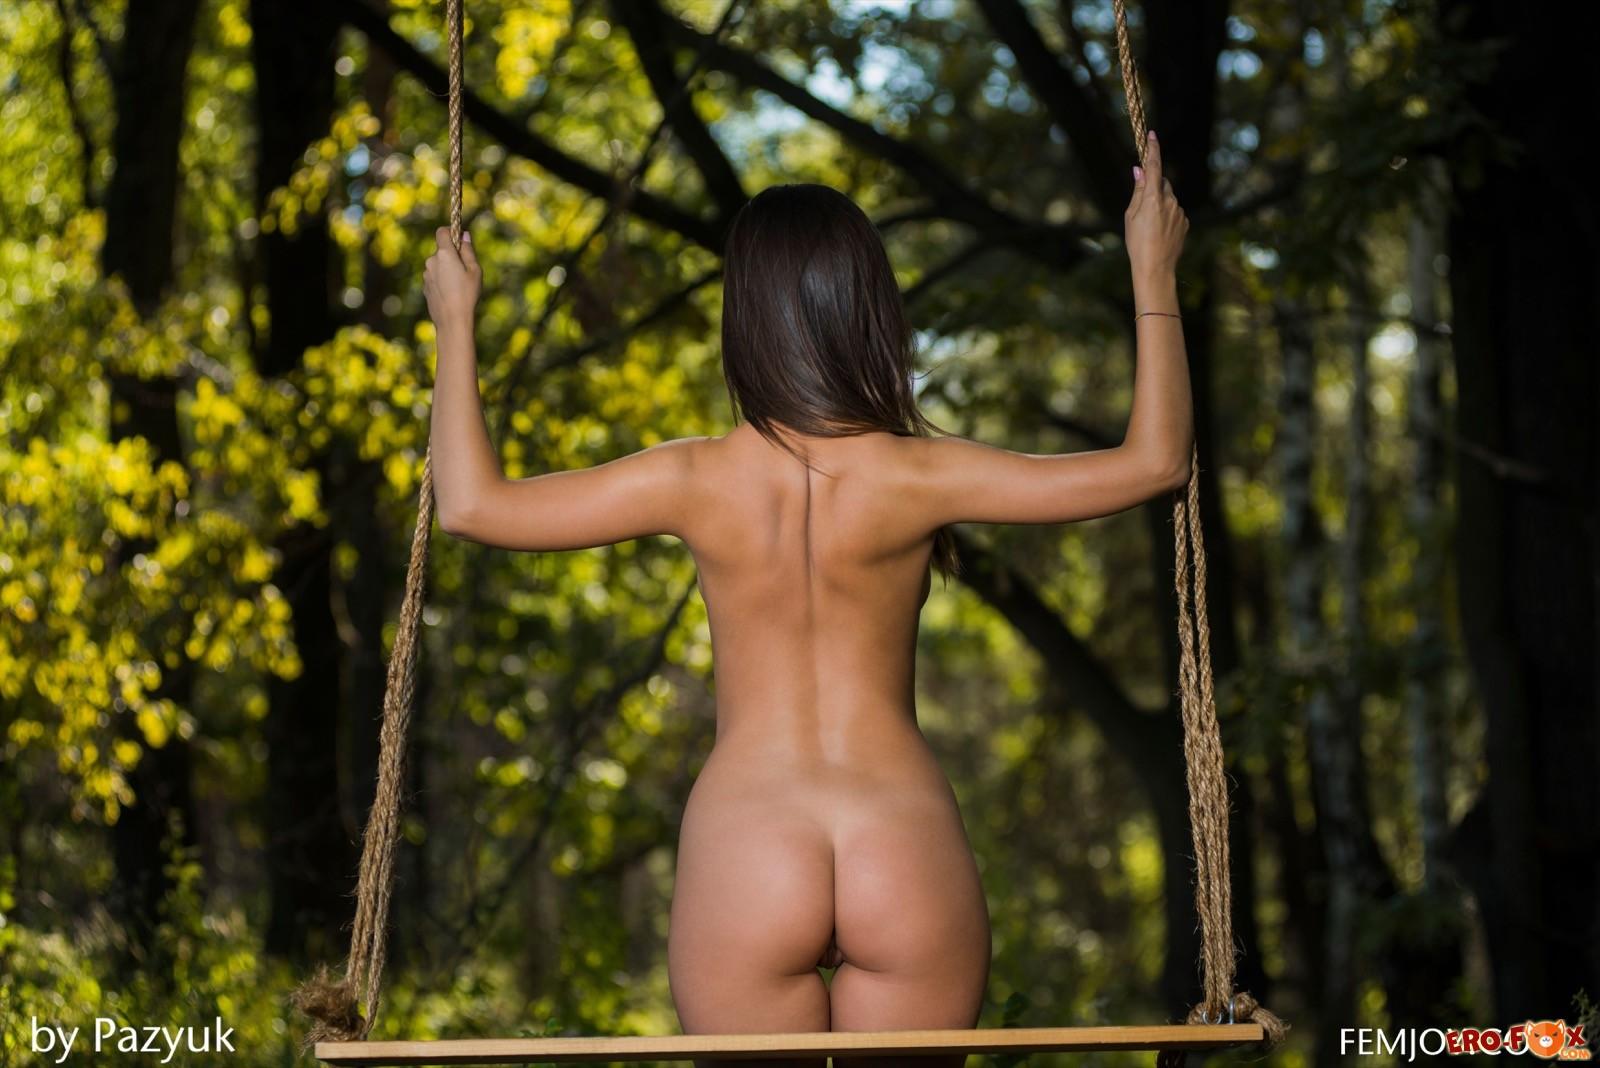 Самая красивая голая попа брюнетки в лесу